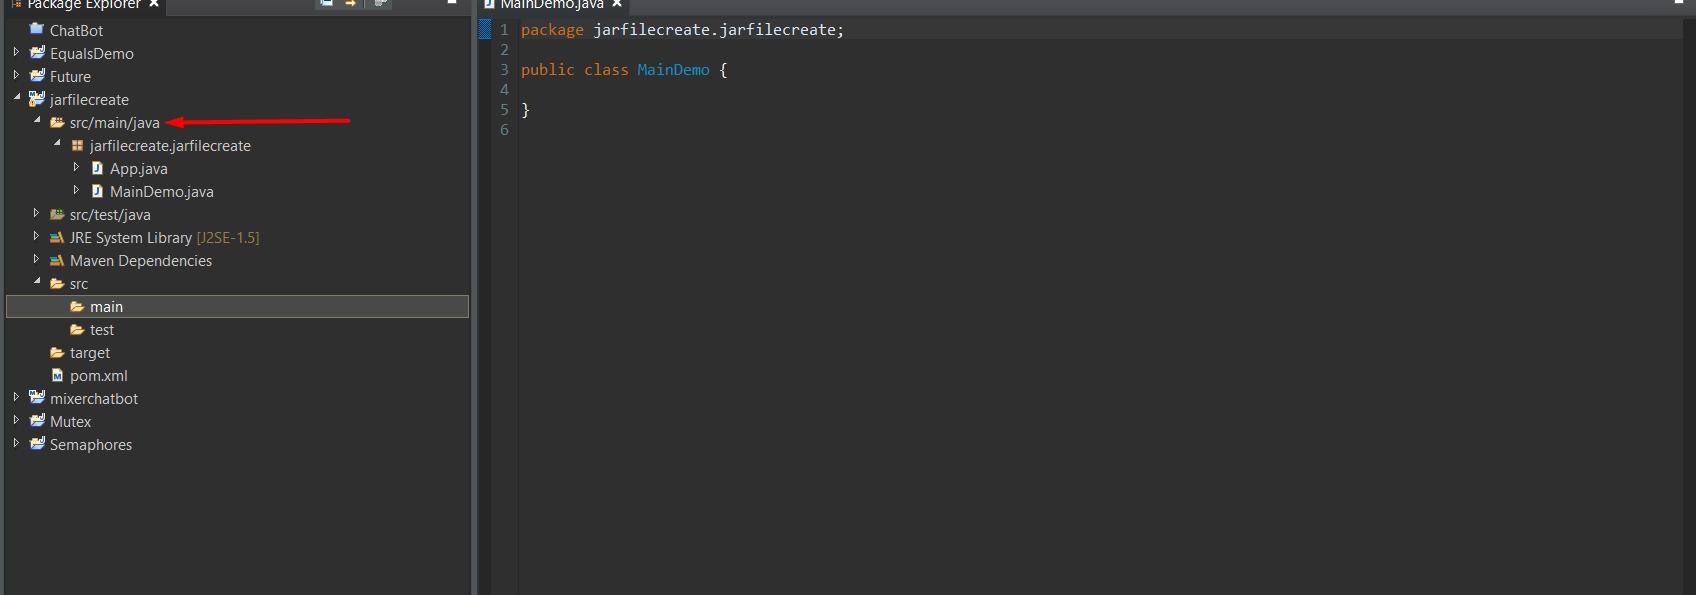 java jar file create maven eclipse project